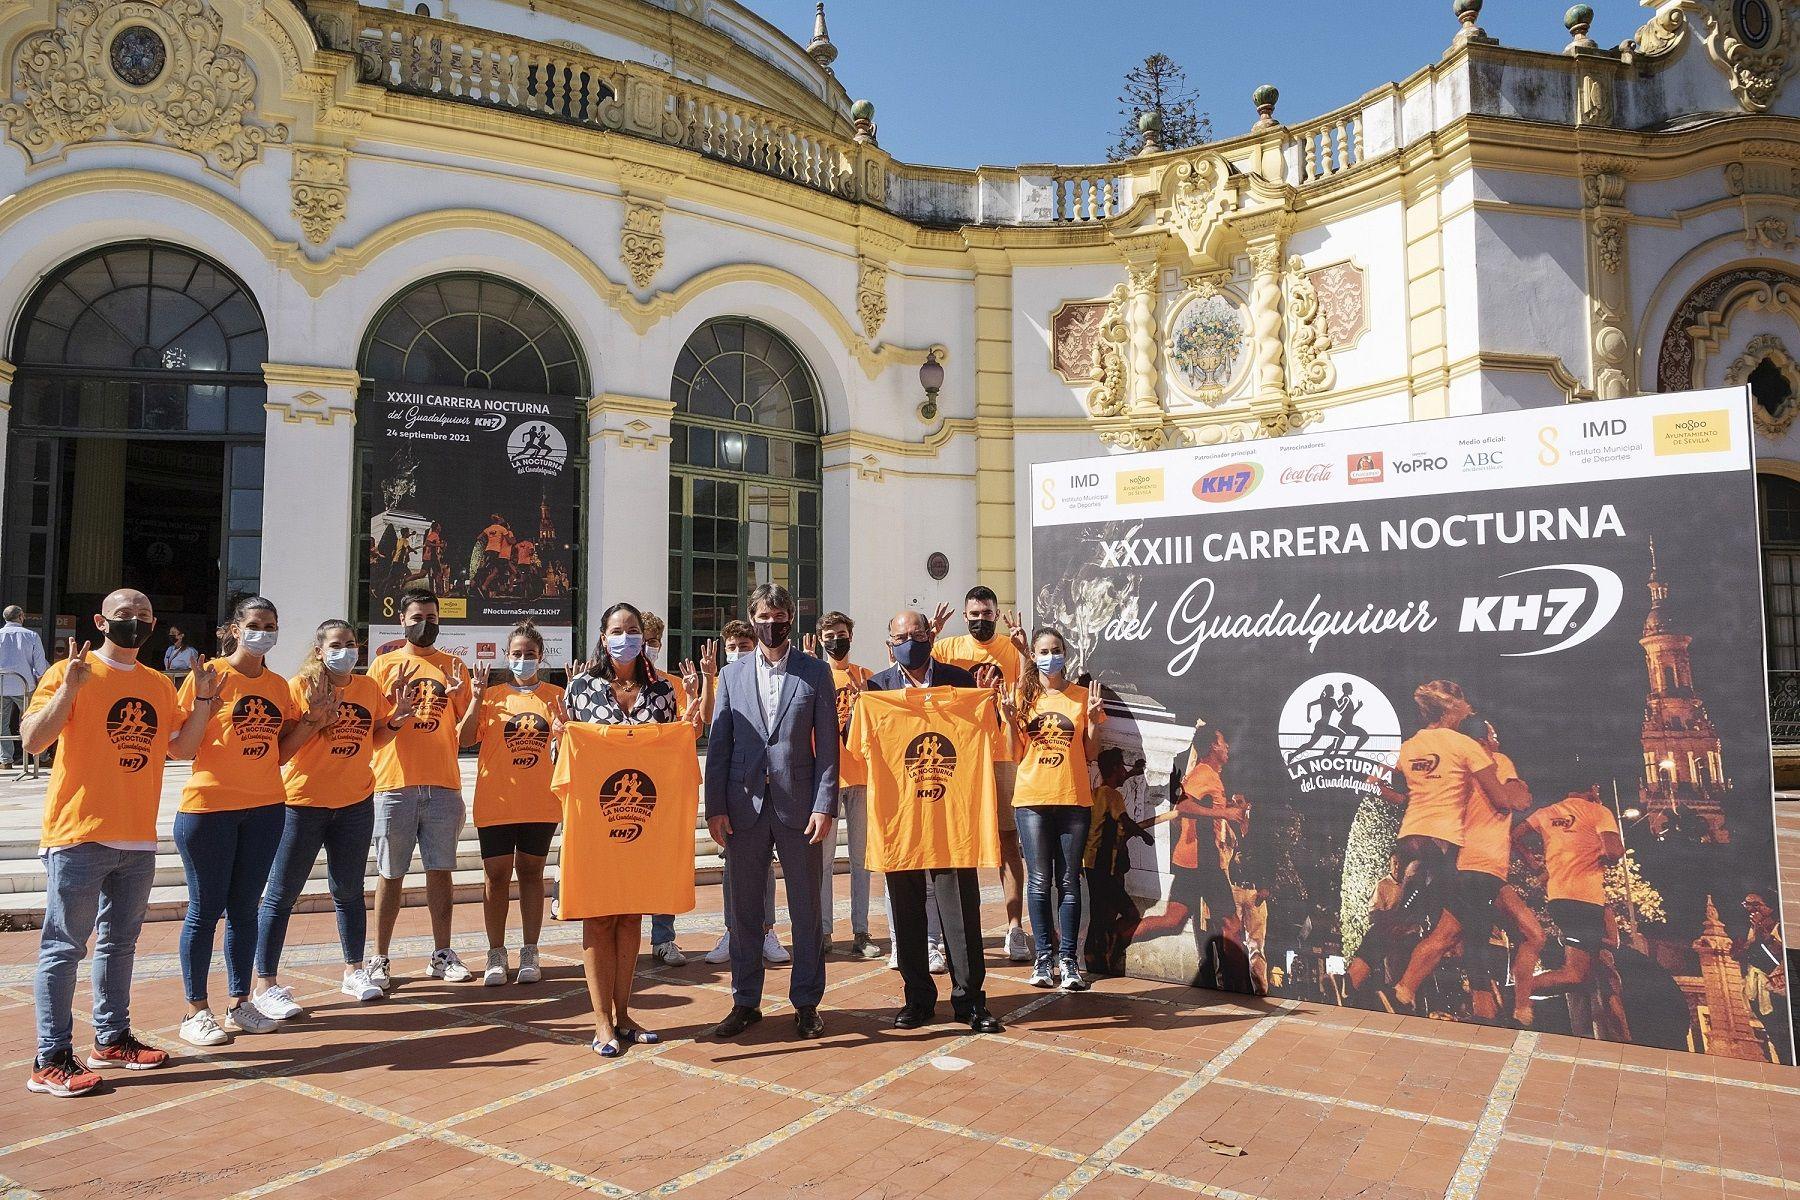 La KH-7 Nocturna del Guadalquivir será uno de los mayores eventos deportivos en España tras la pandemia